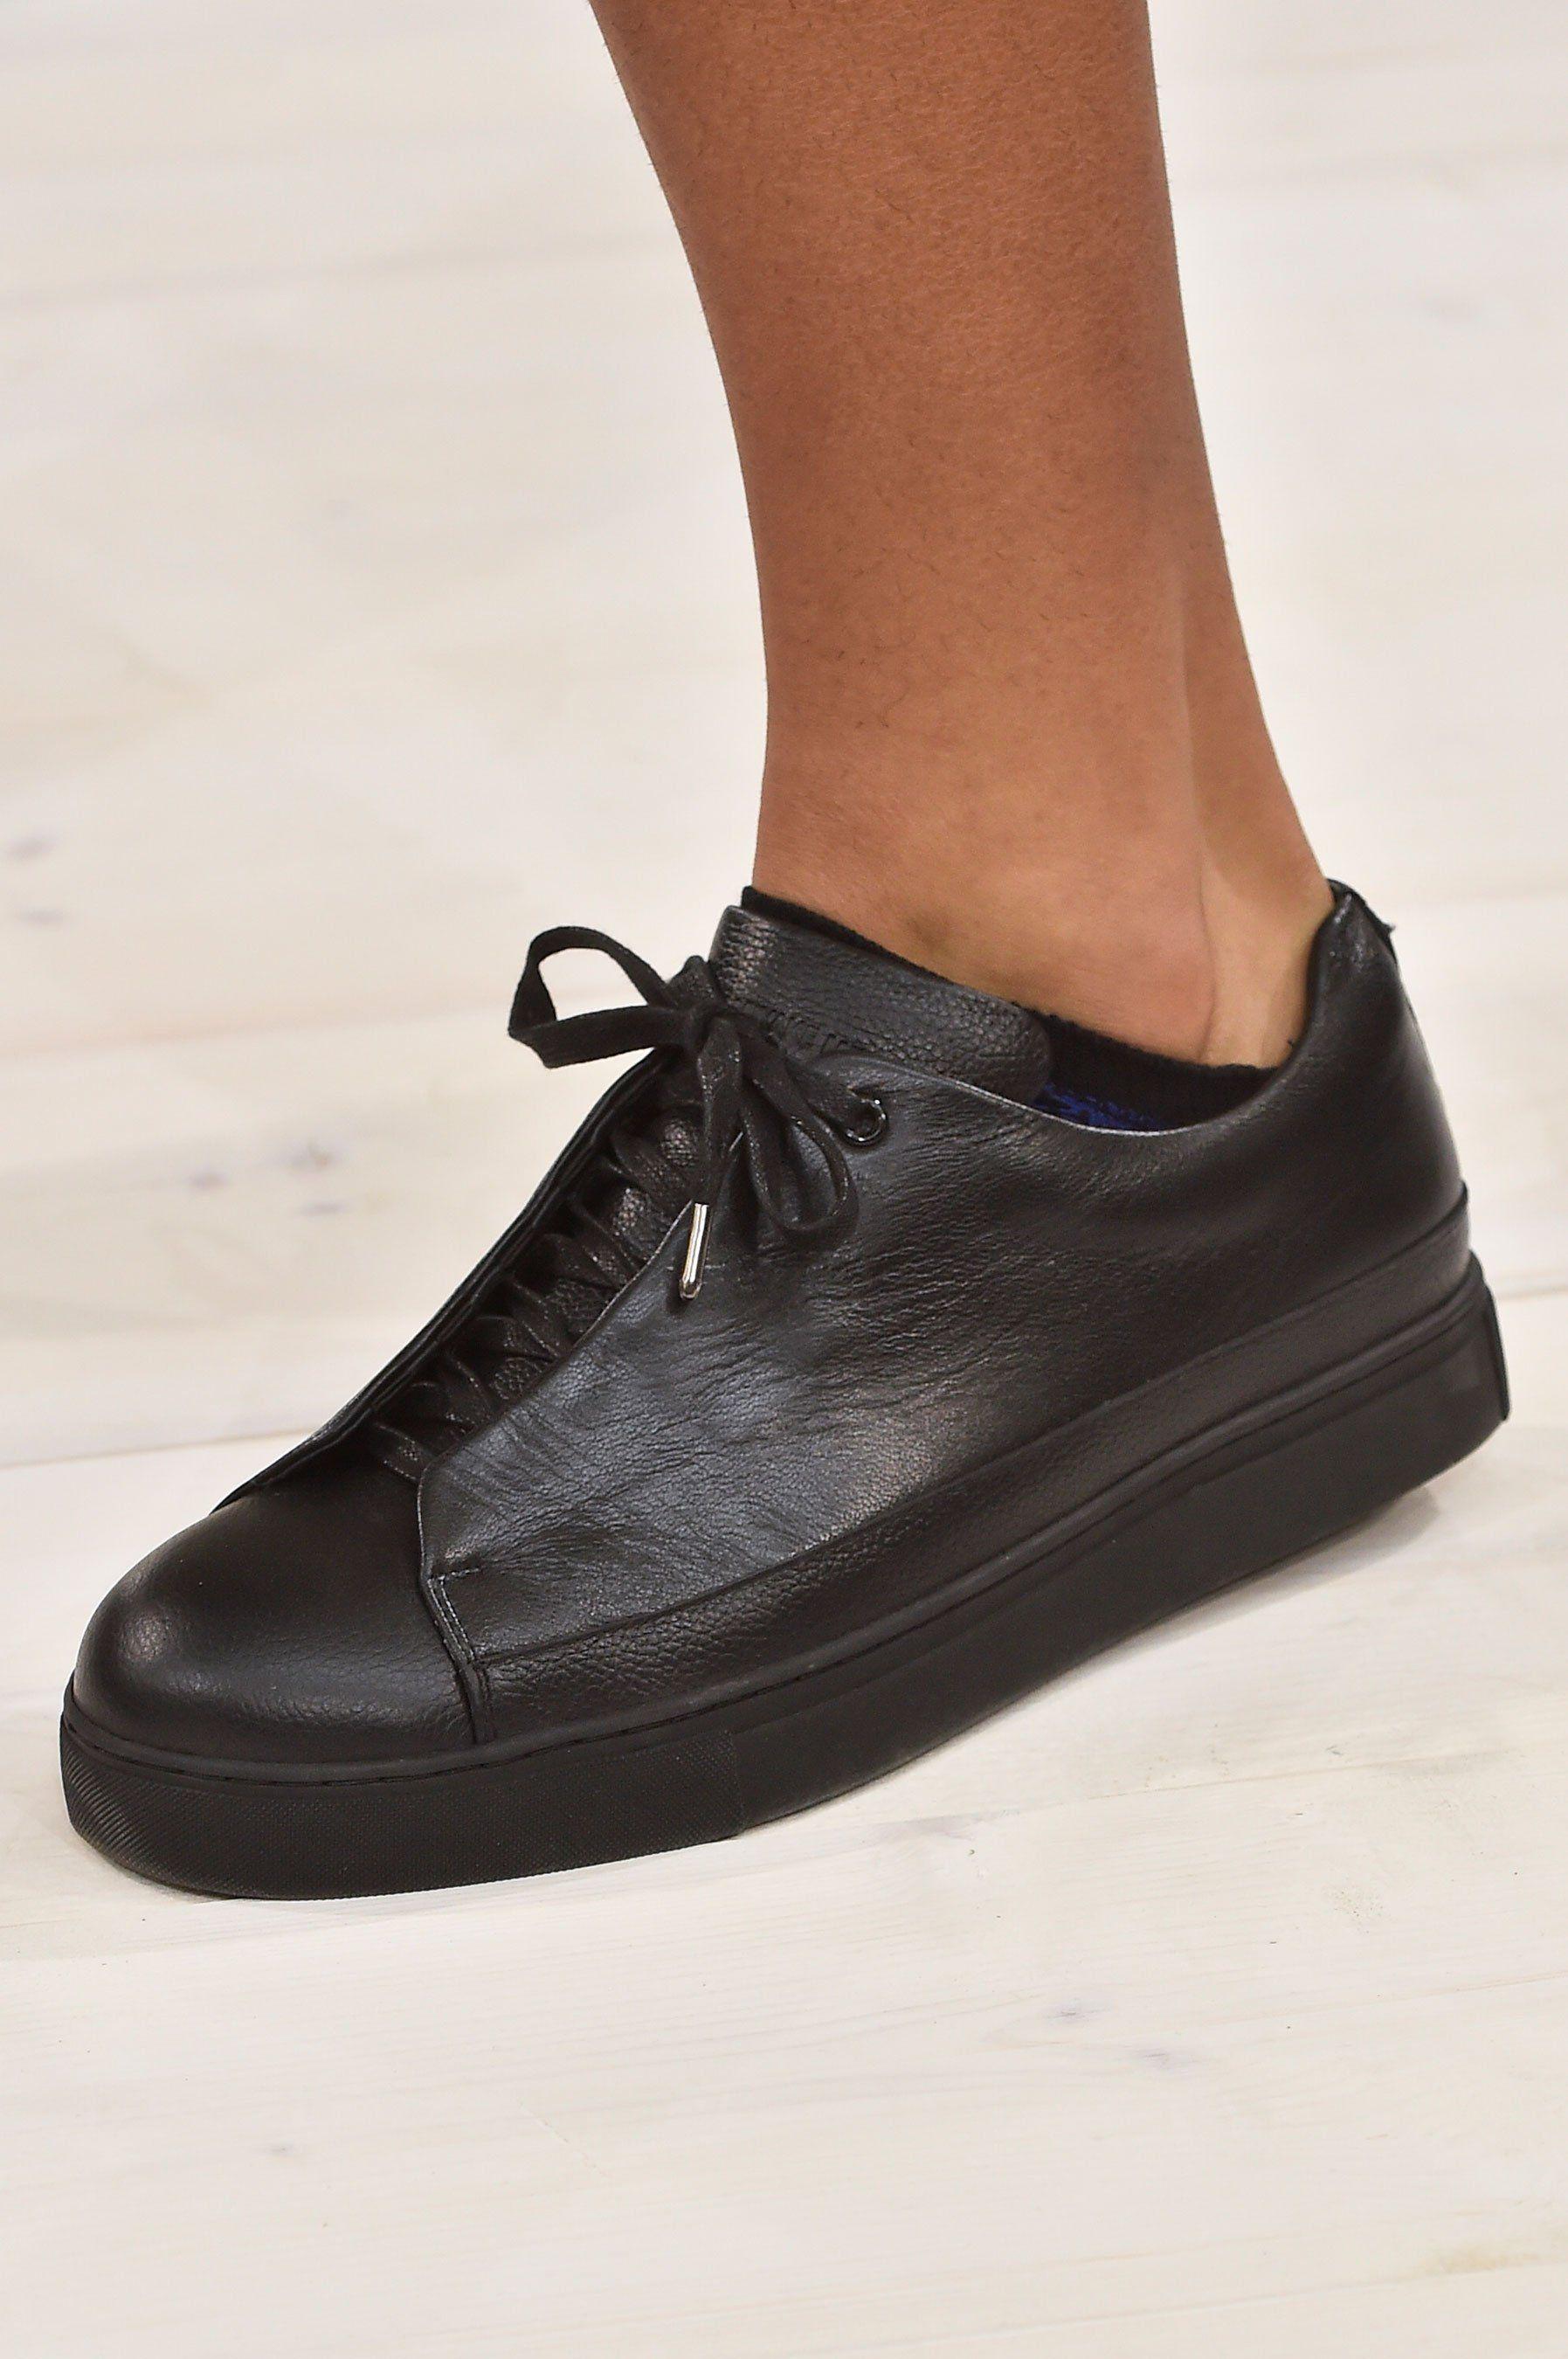 Brogue shoes, Issey miyake men